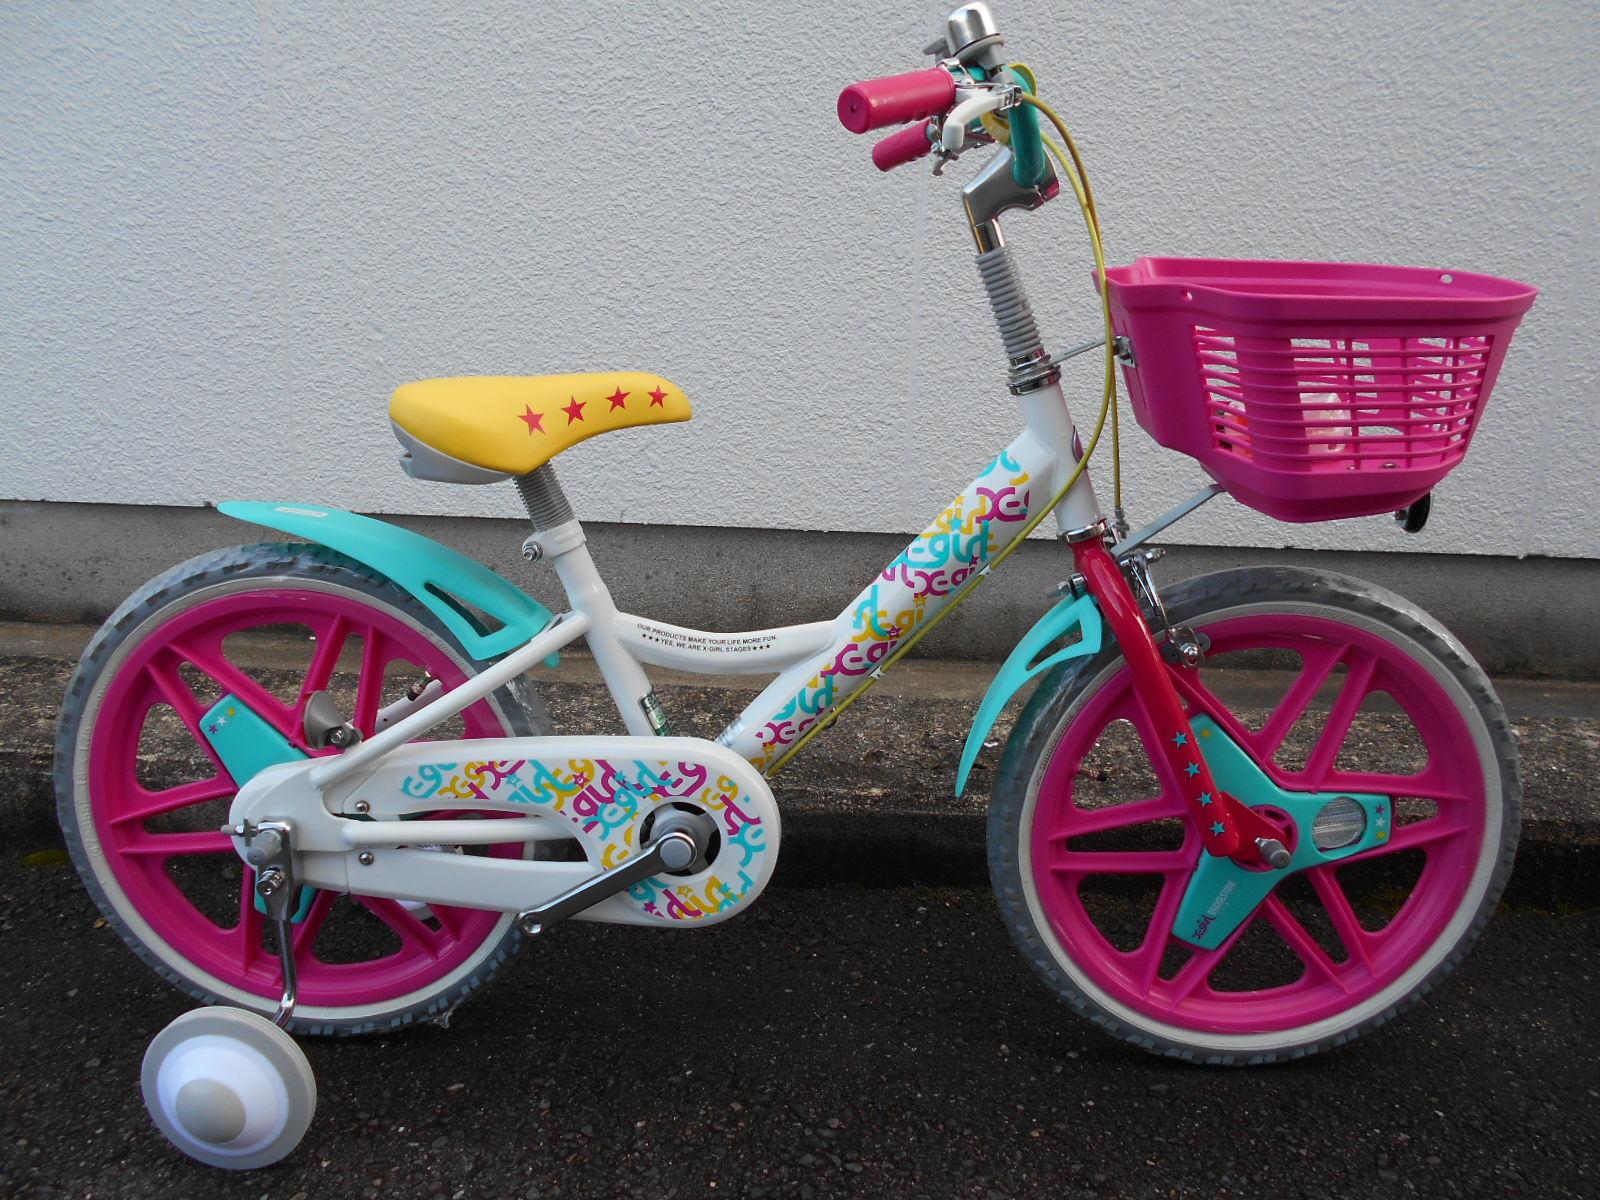 X-GIRLとBRIDGESTONEがコラボした子供車が特価で入荷!_b0189682_12020755.jpg